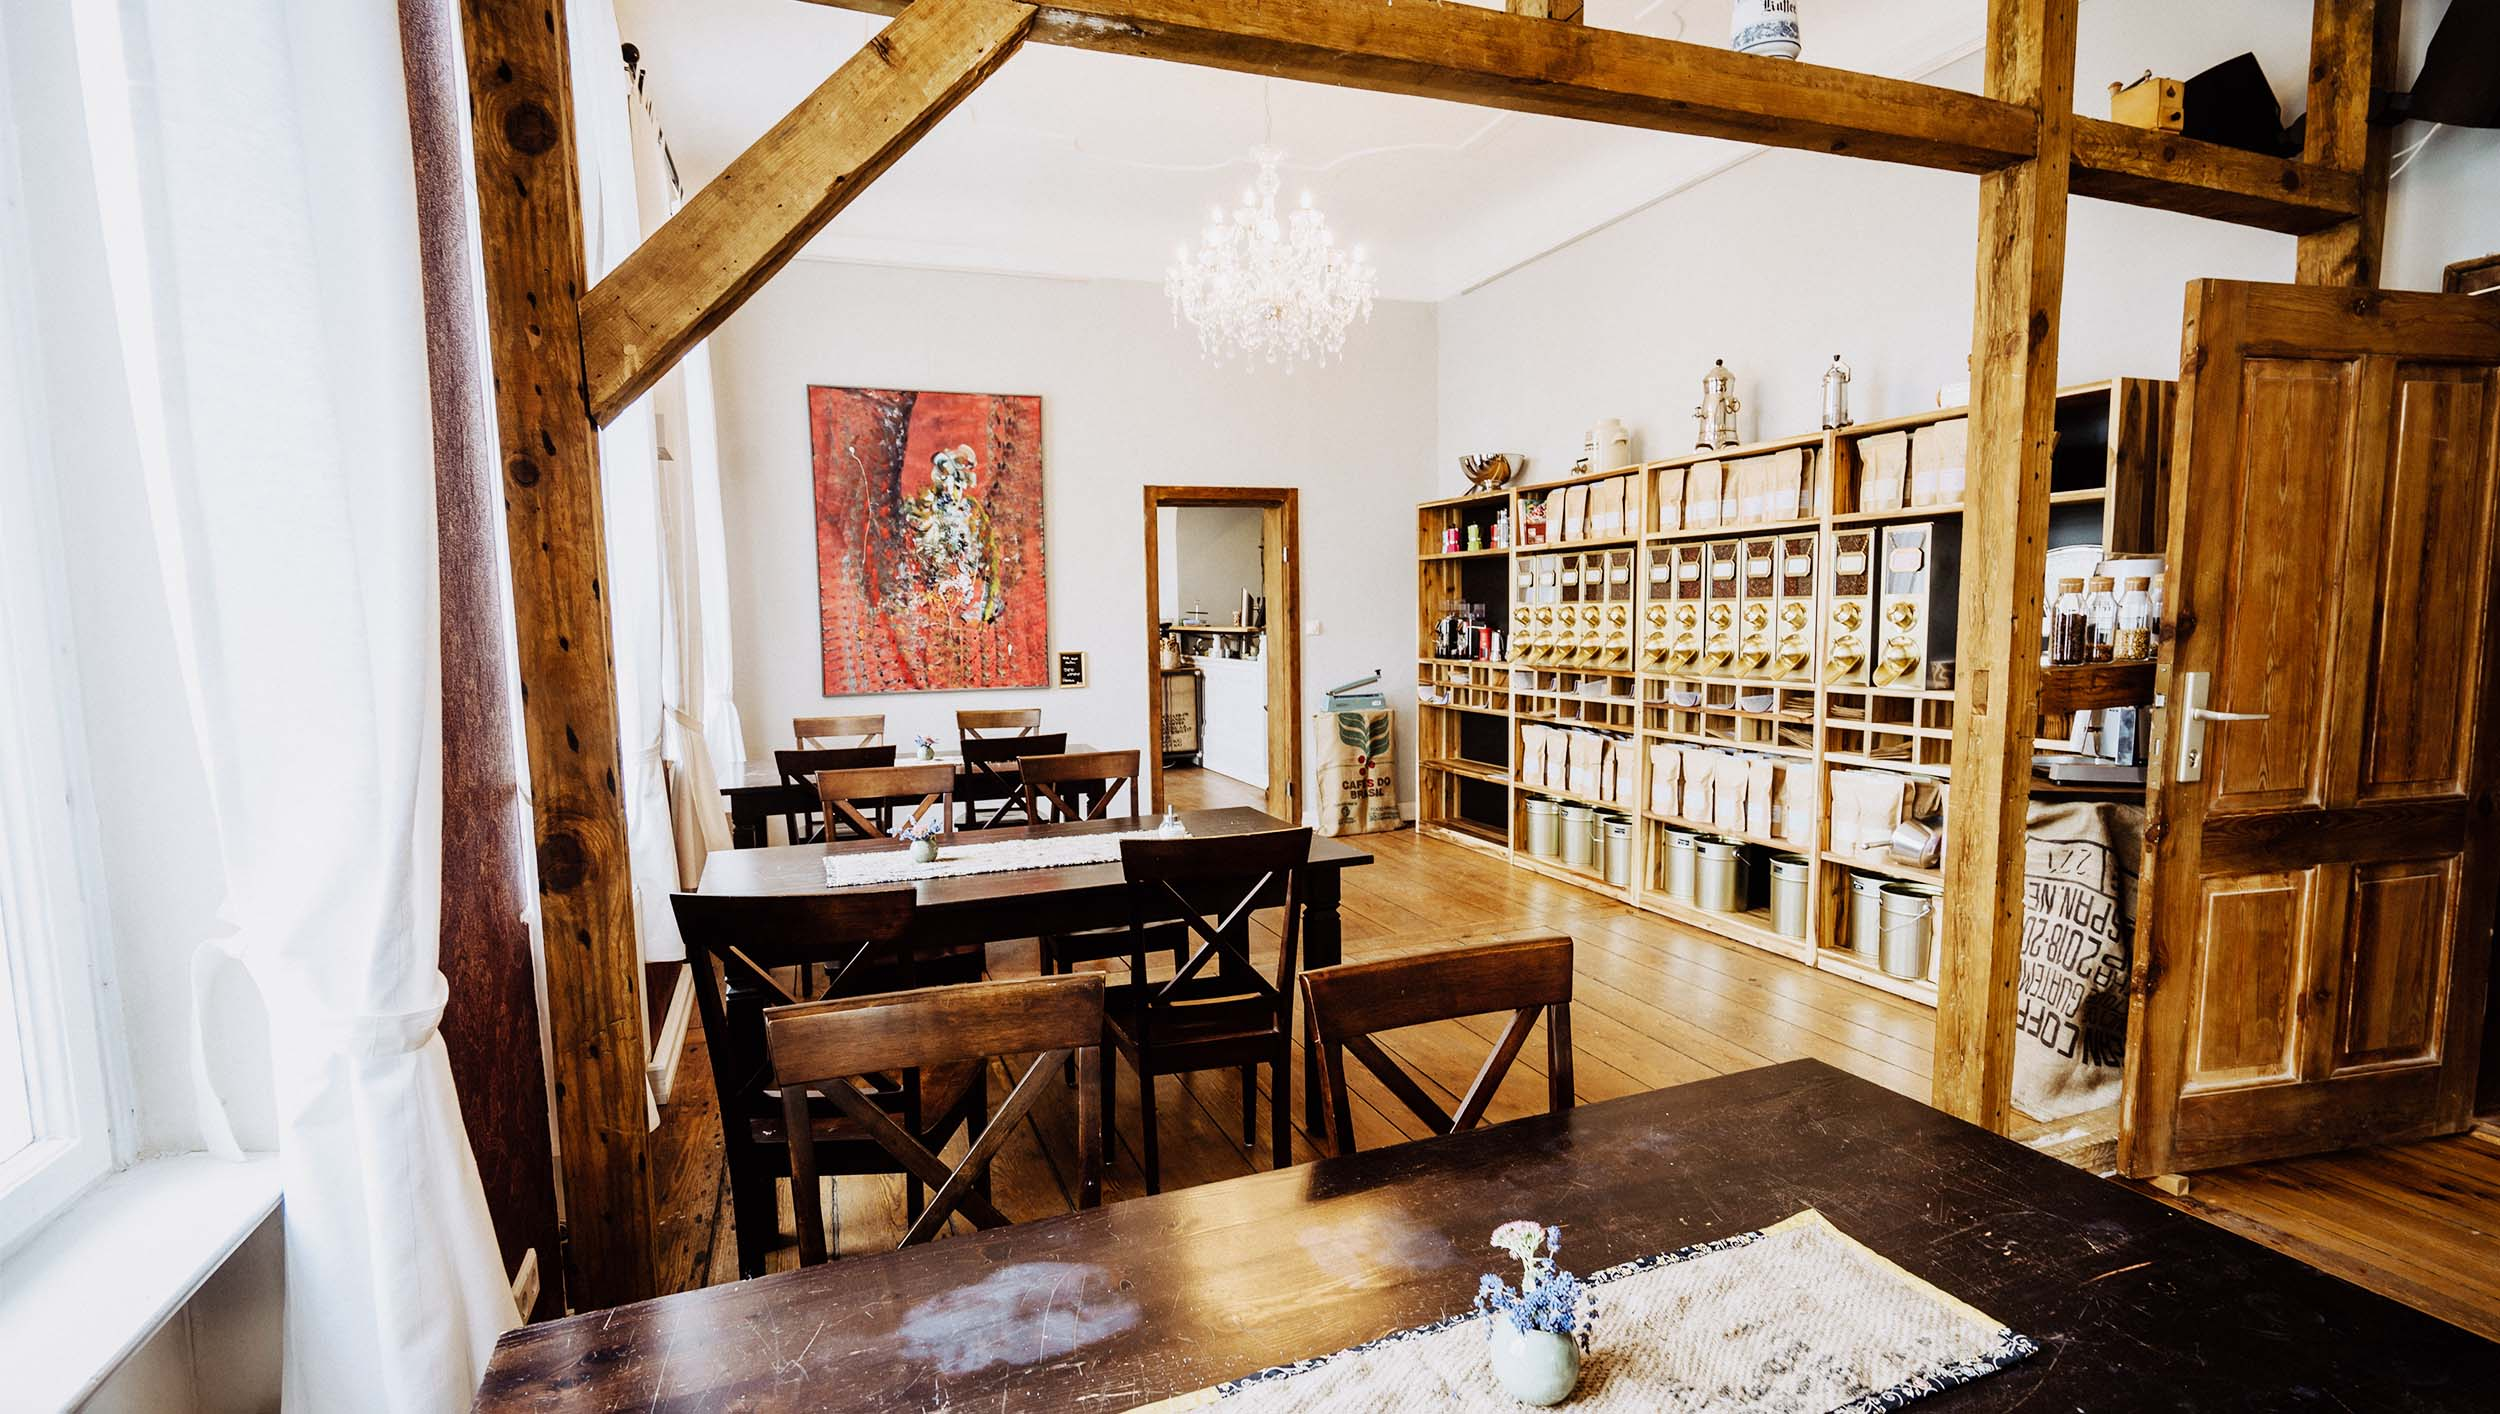 Café-Werder-Kaffee-Kontor-Werder-Havel